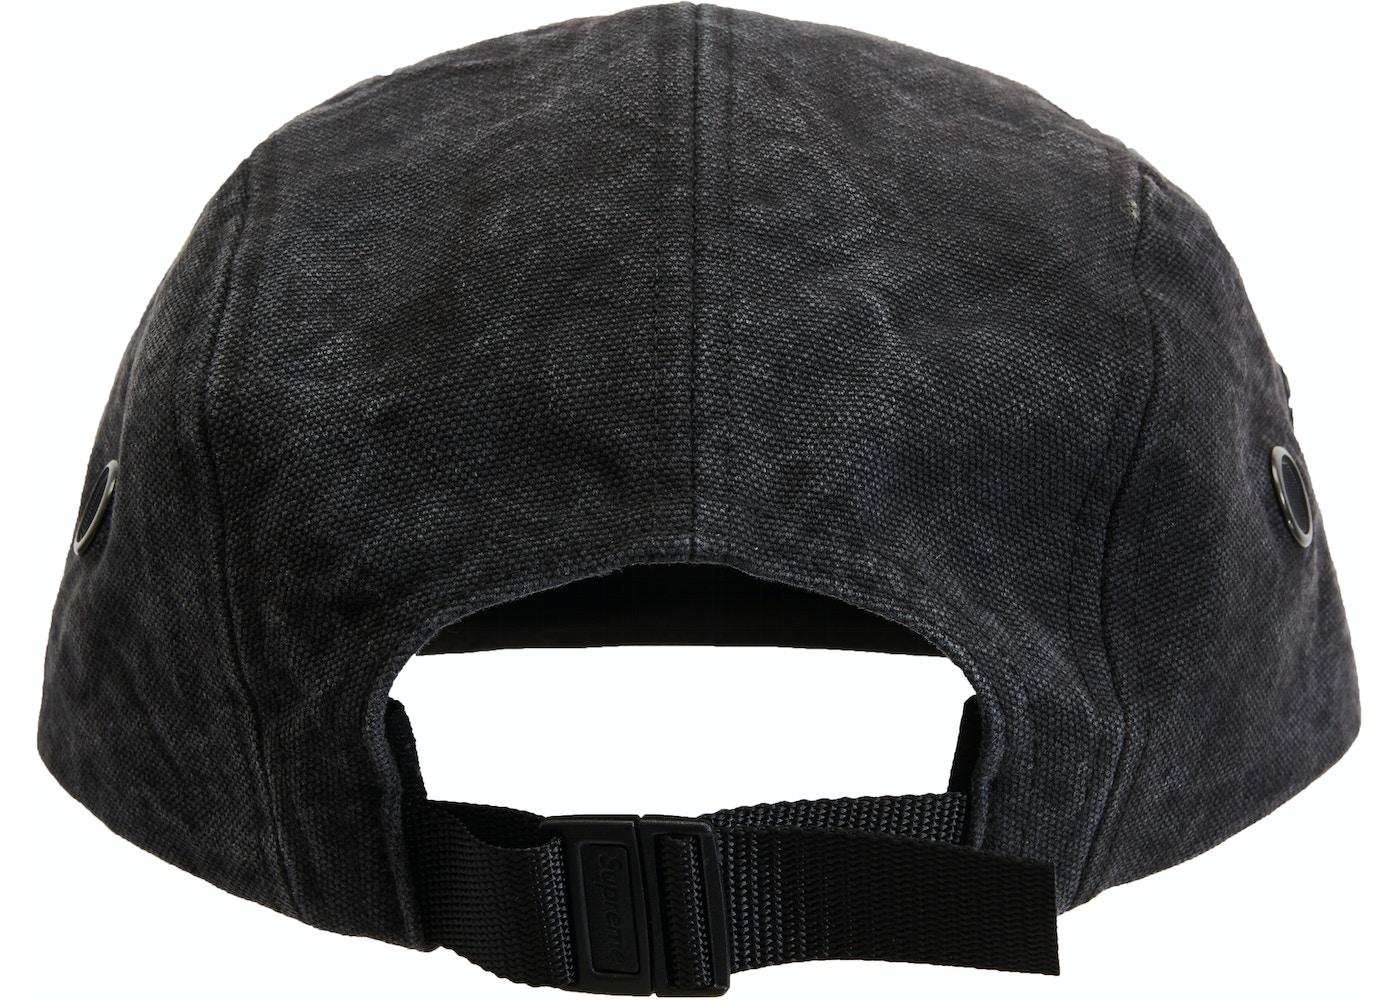 6c2256d46 Supreme Headwear - Buy & Sell Streetwear